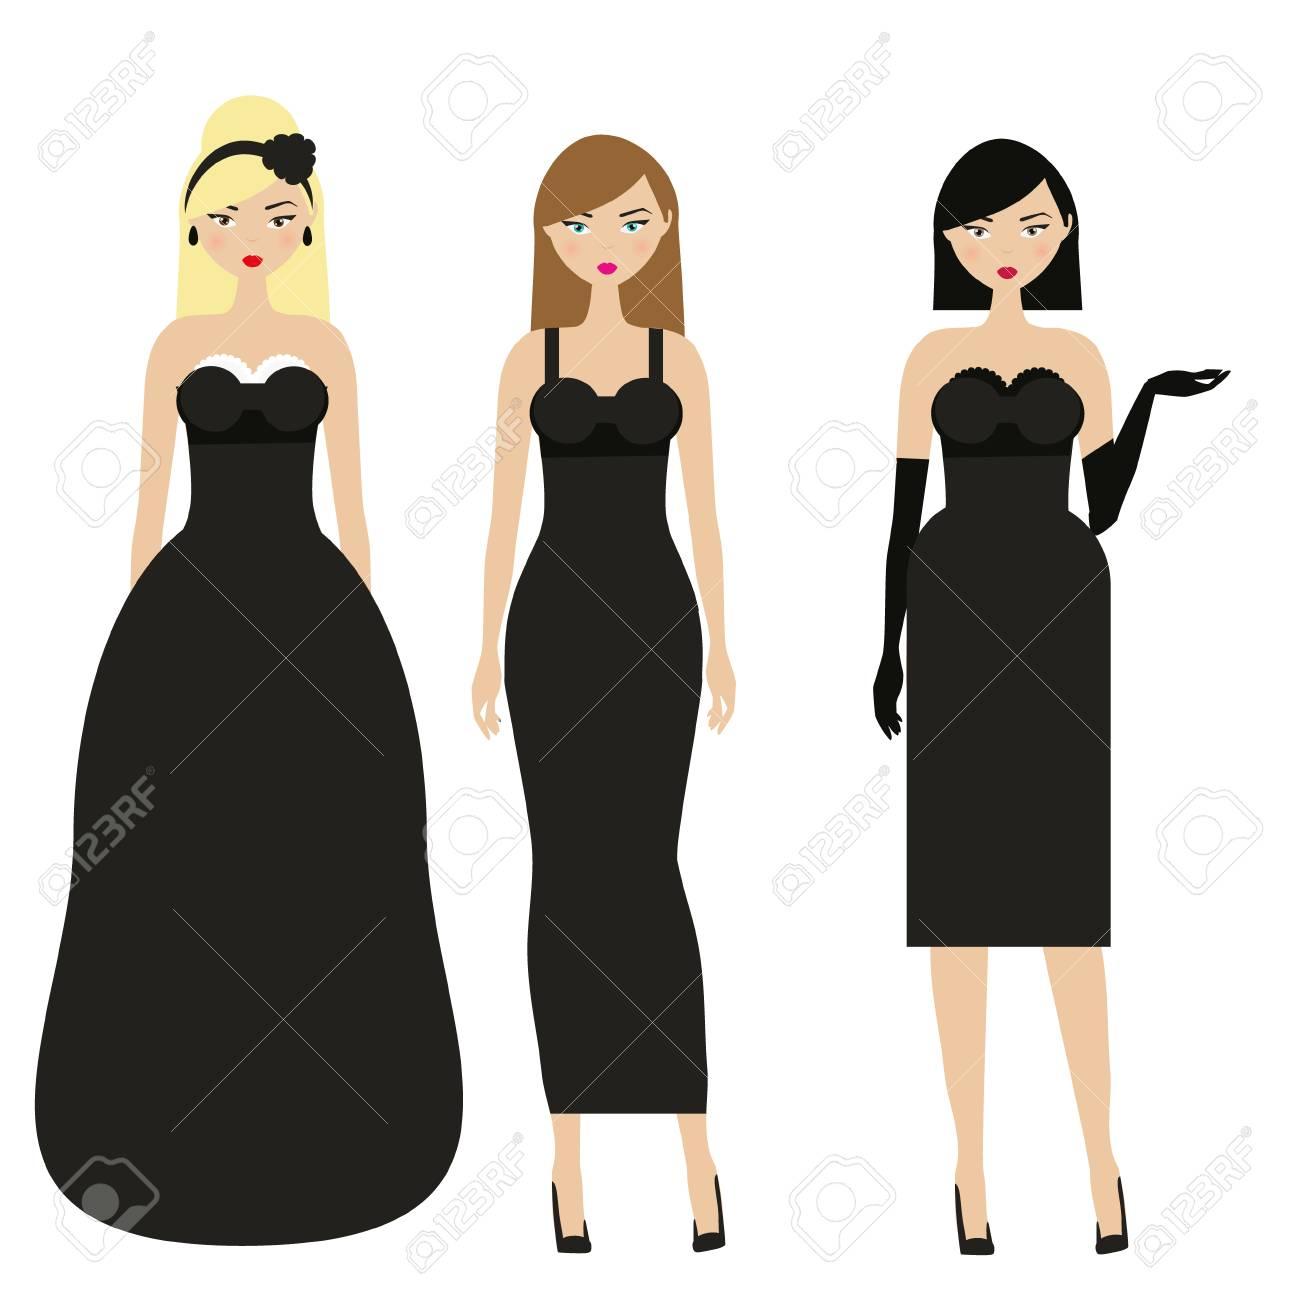 Mujeres Con Vestidos Negros Noche Femenina Elegante Vestido De Noche Señoras En Ropa Elegante De Moda